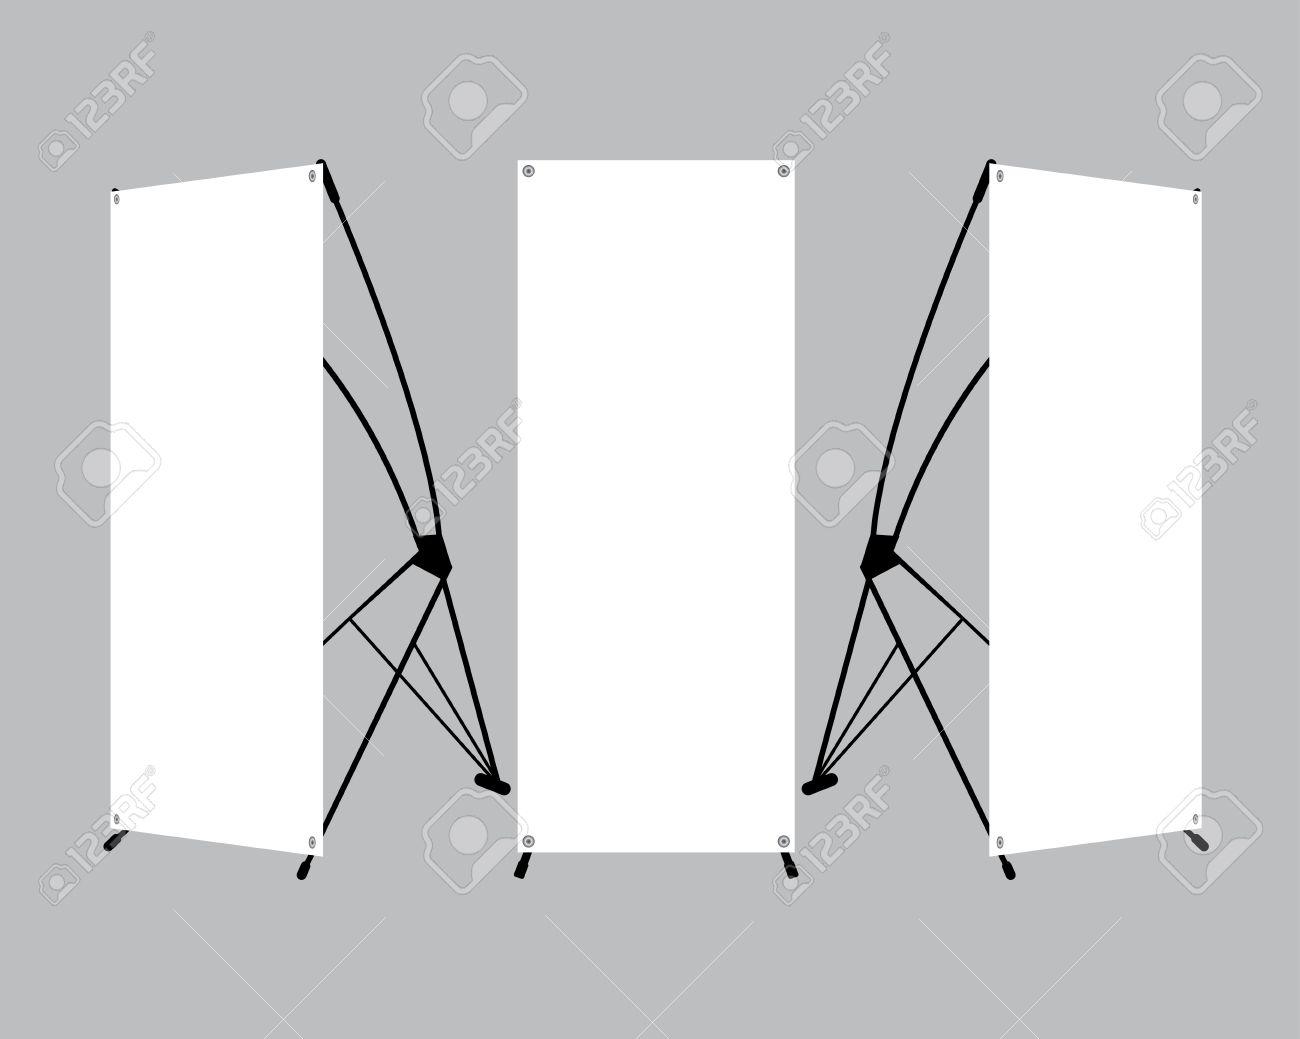 Conjunto De X-soporte Plantilla De Visualización Pancartas En Blanco ...